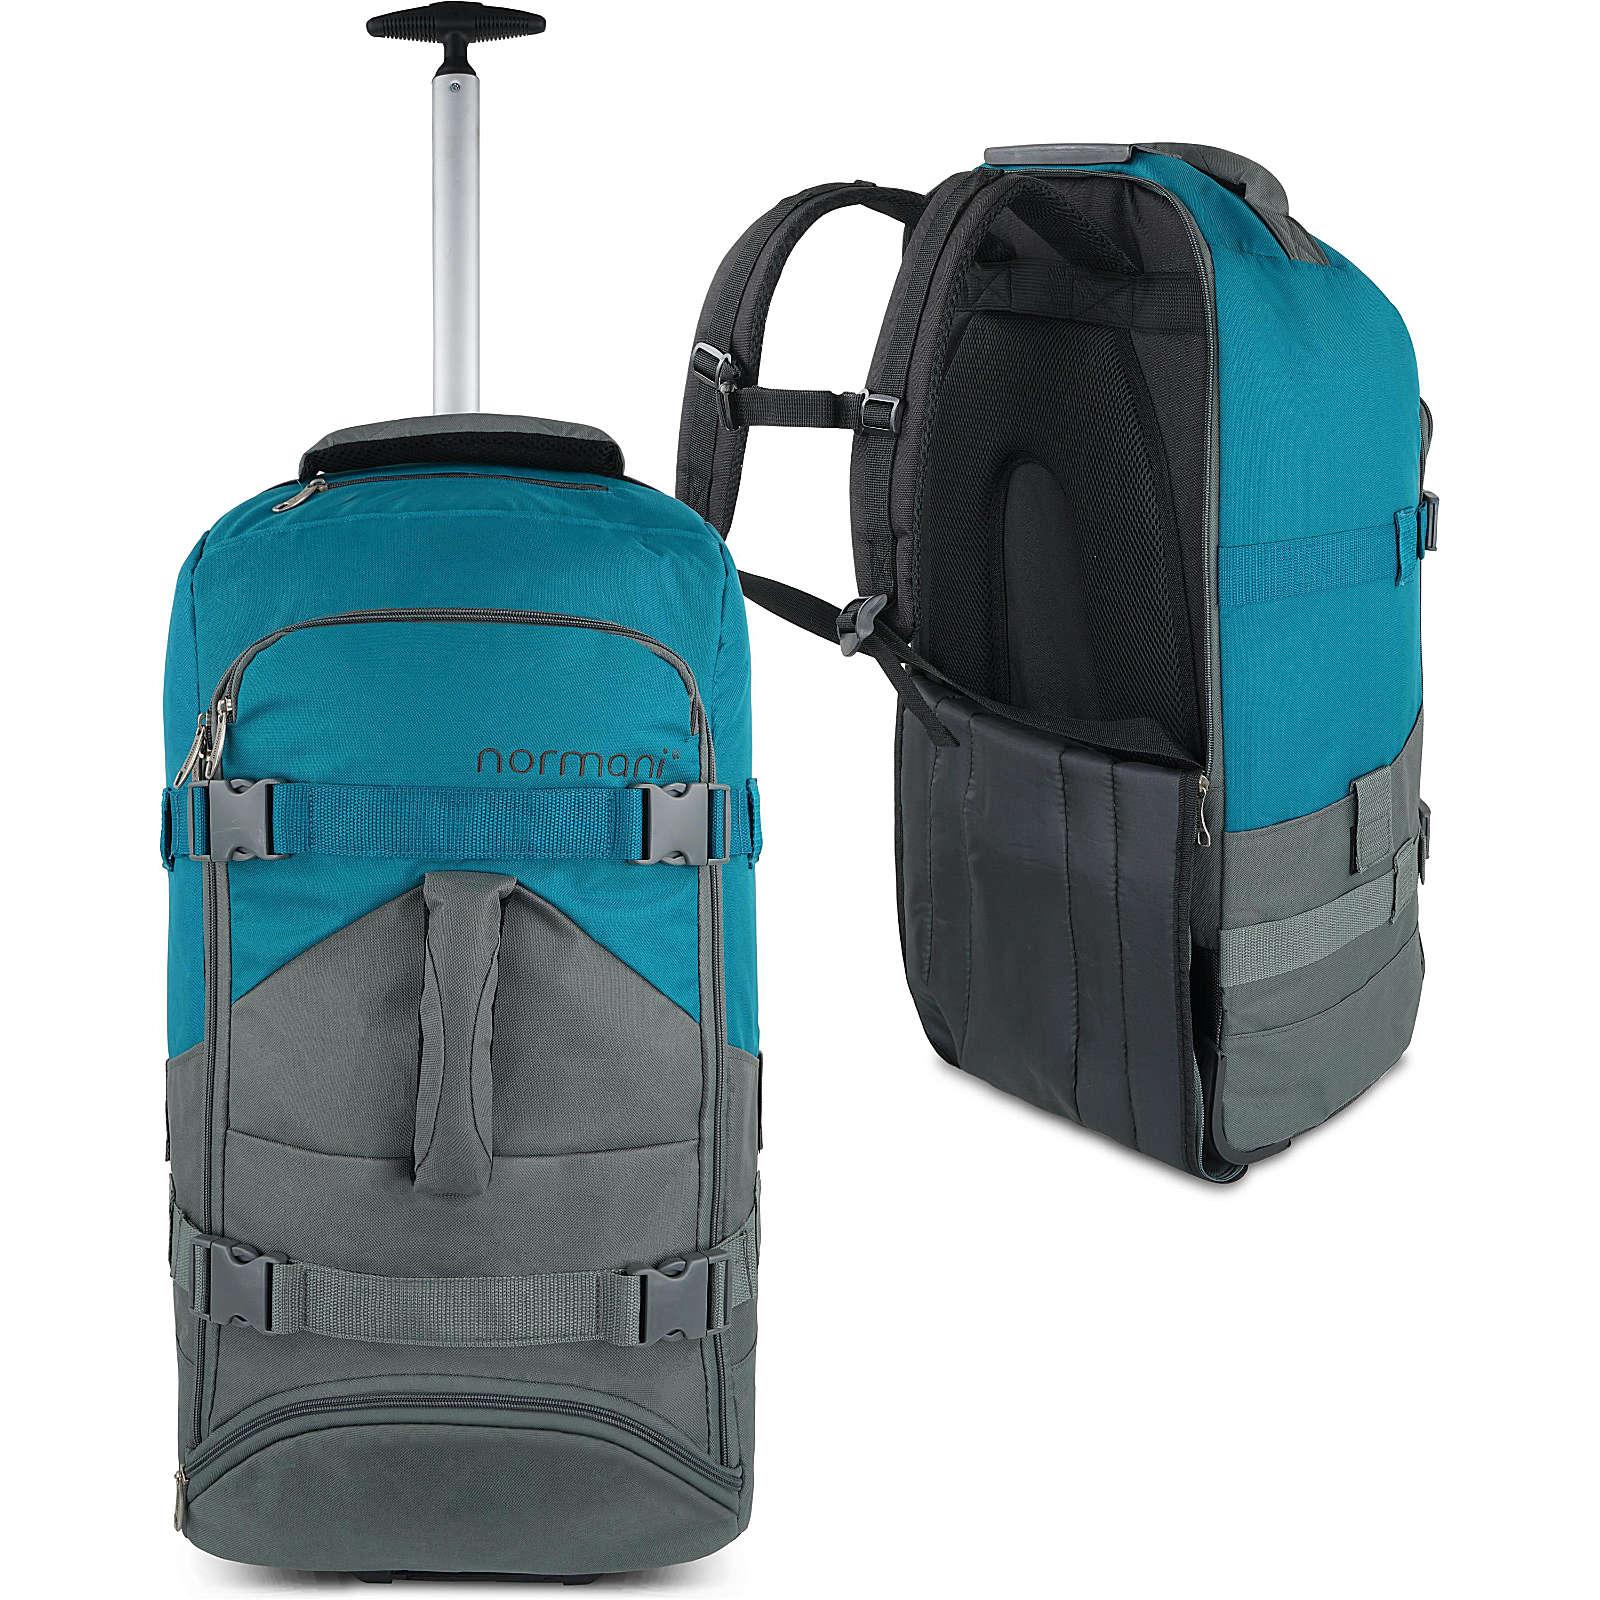 normani® Reisetasche mit Rucksackfunktion 60 Liter Melano Reisetaschen grau/grün